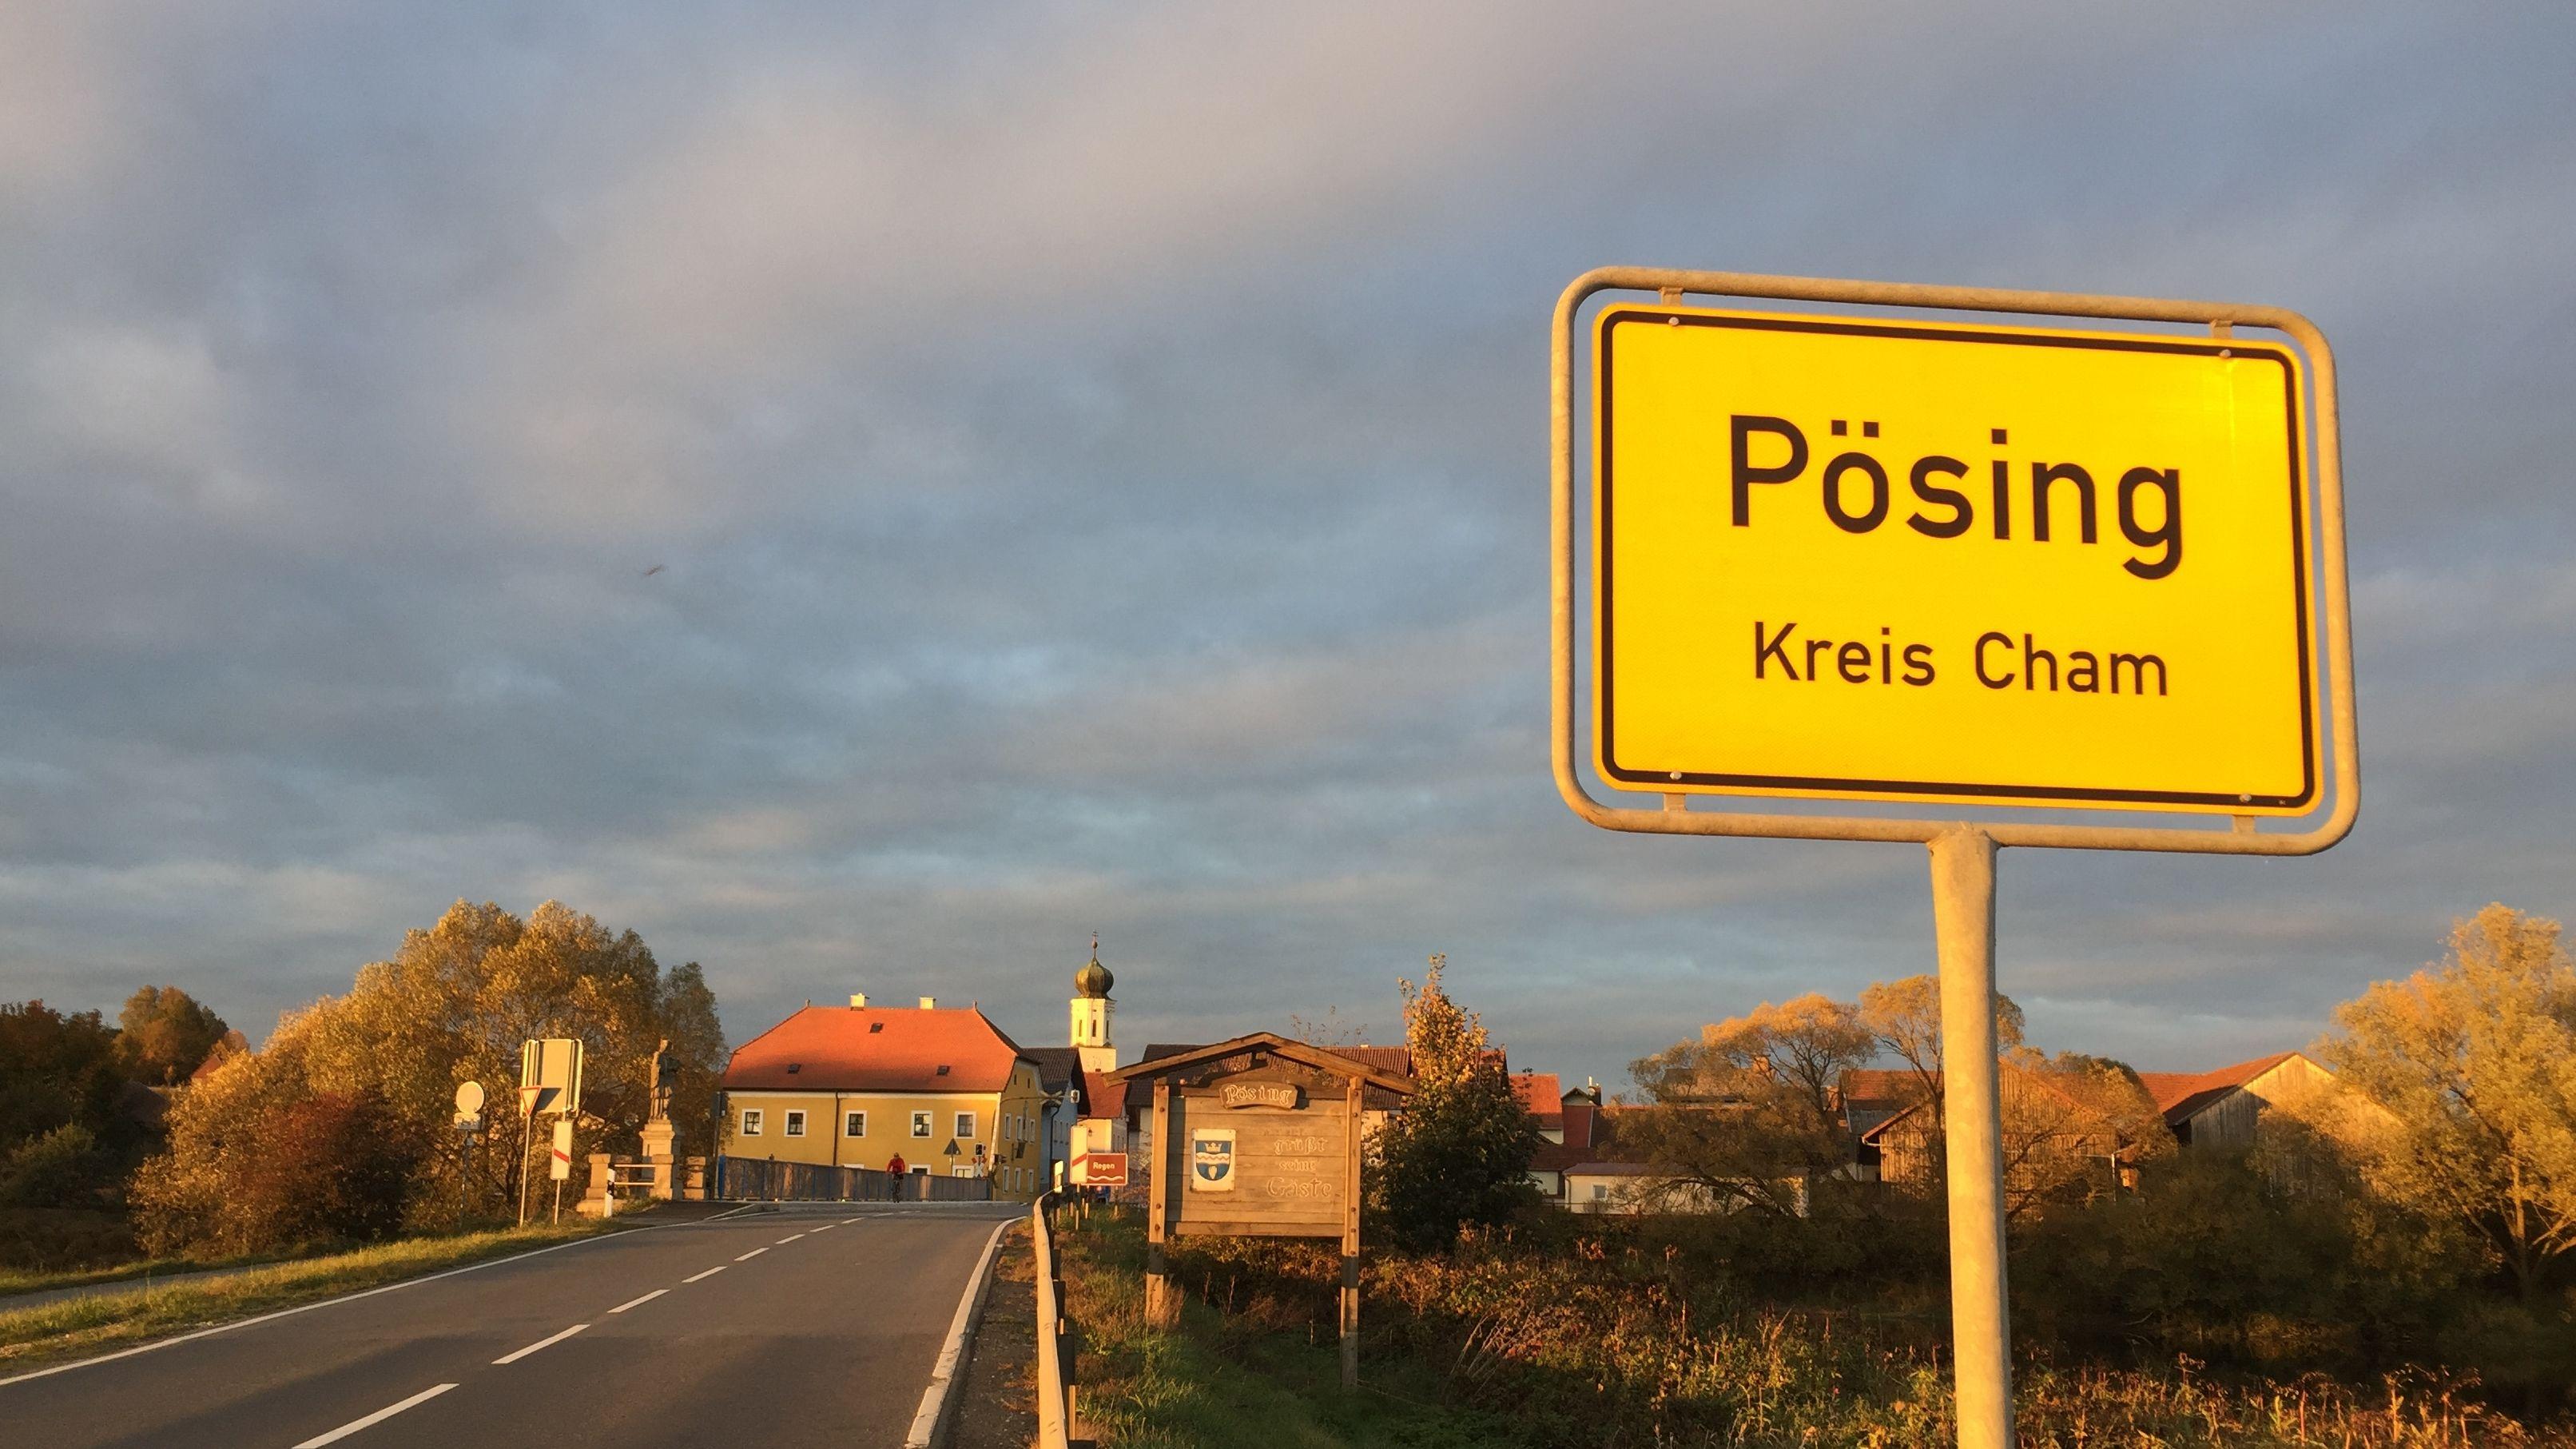 Pösing sucht einen Bürgermeister-Kandidaten